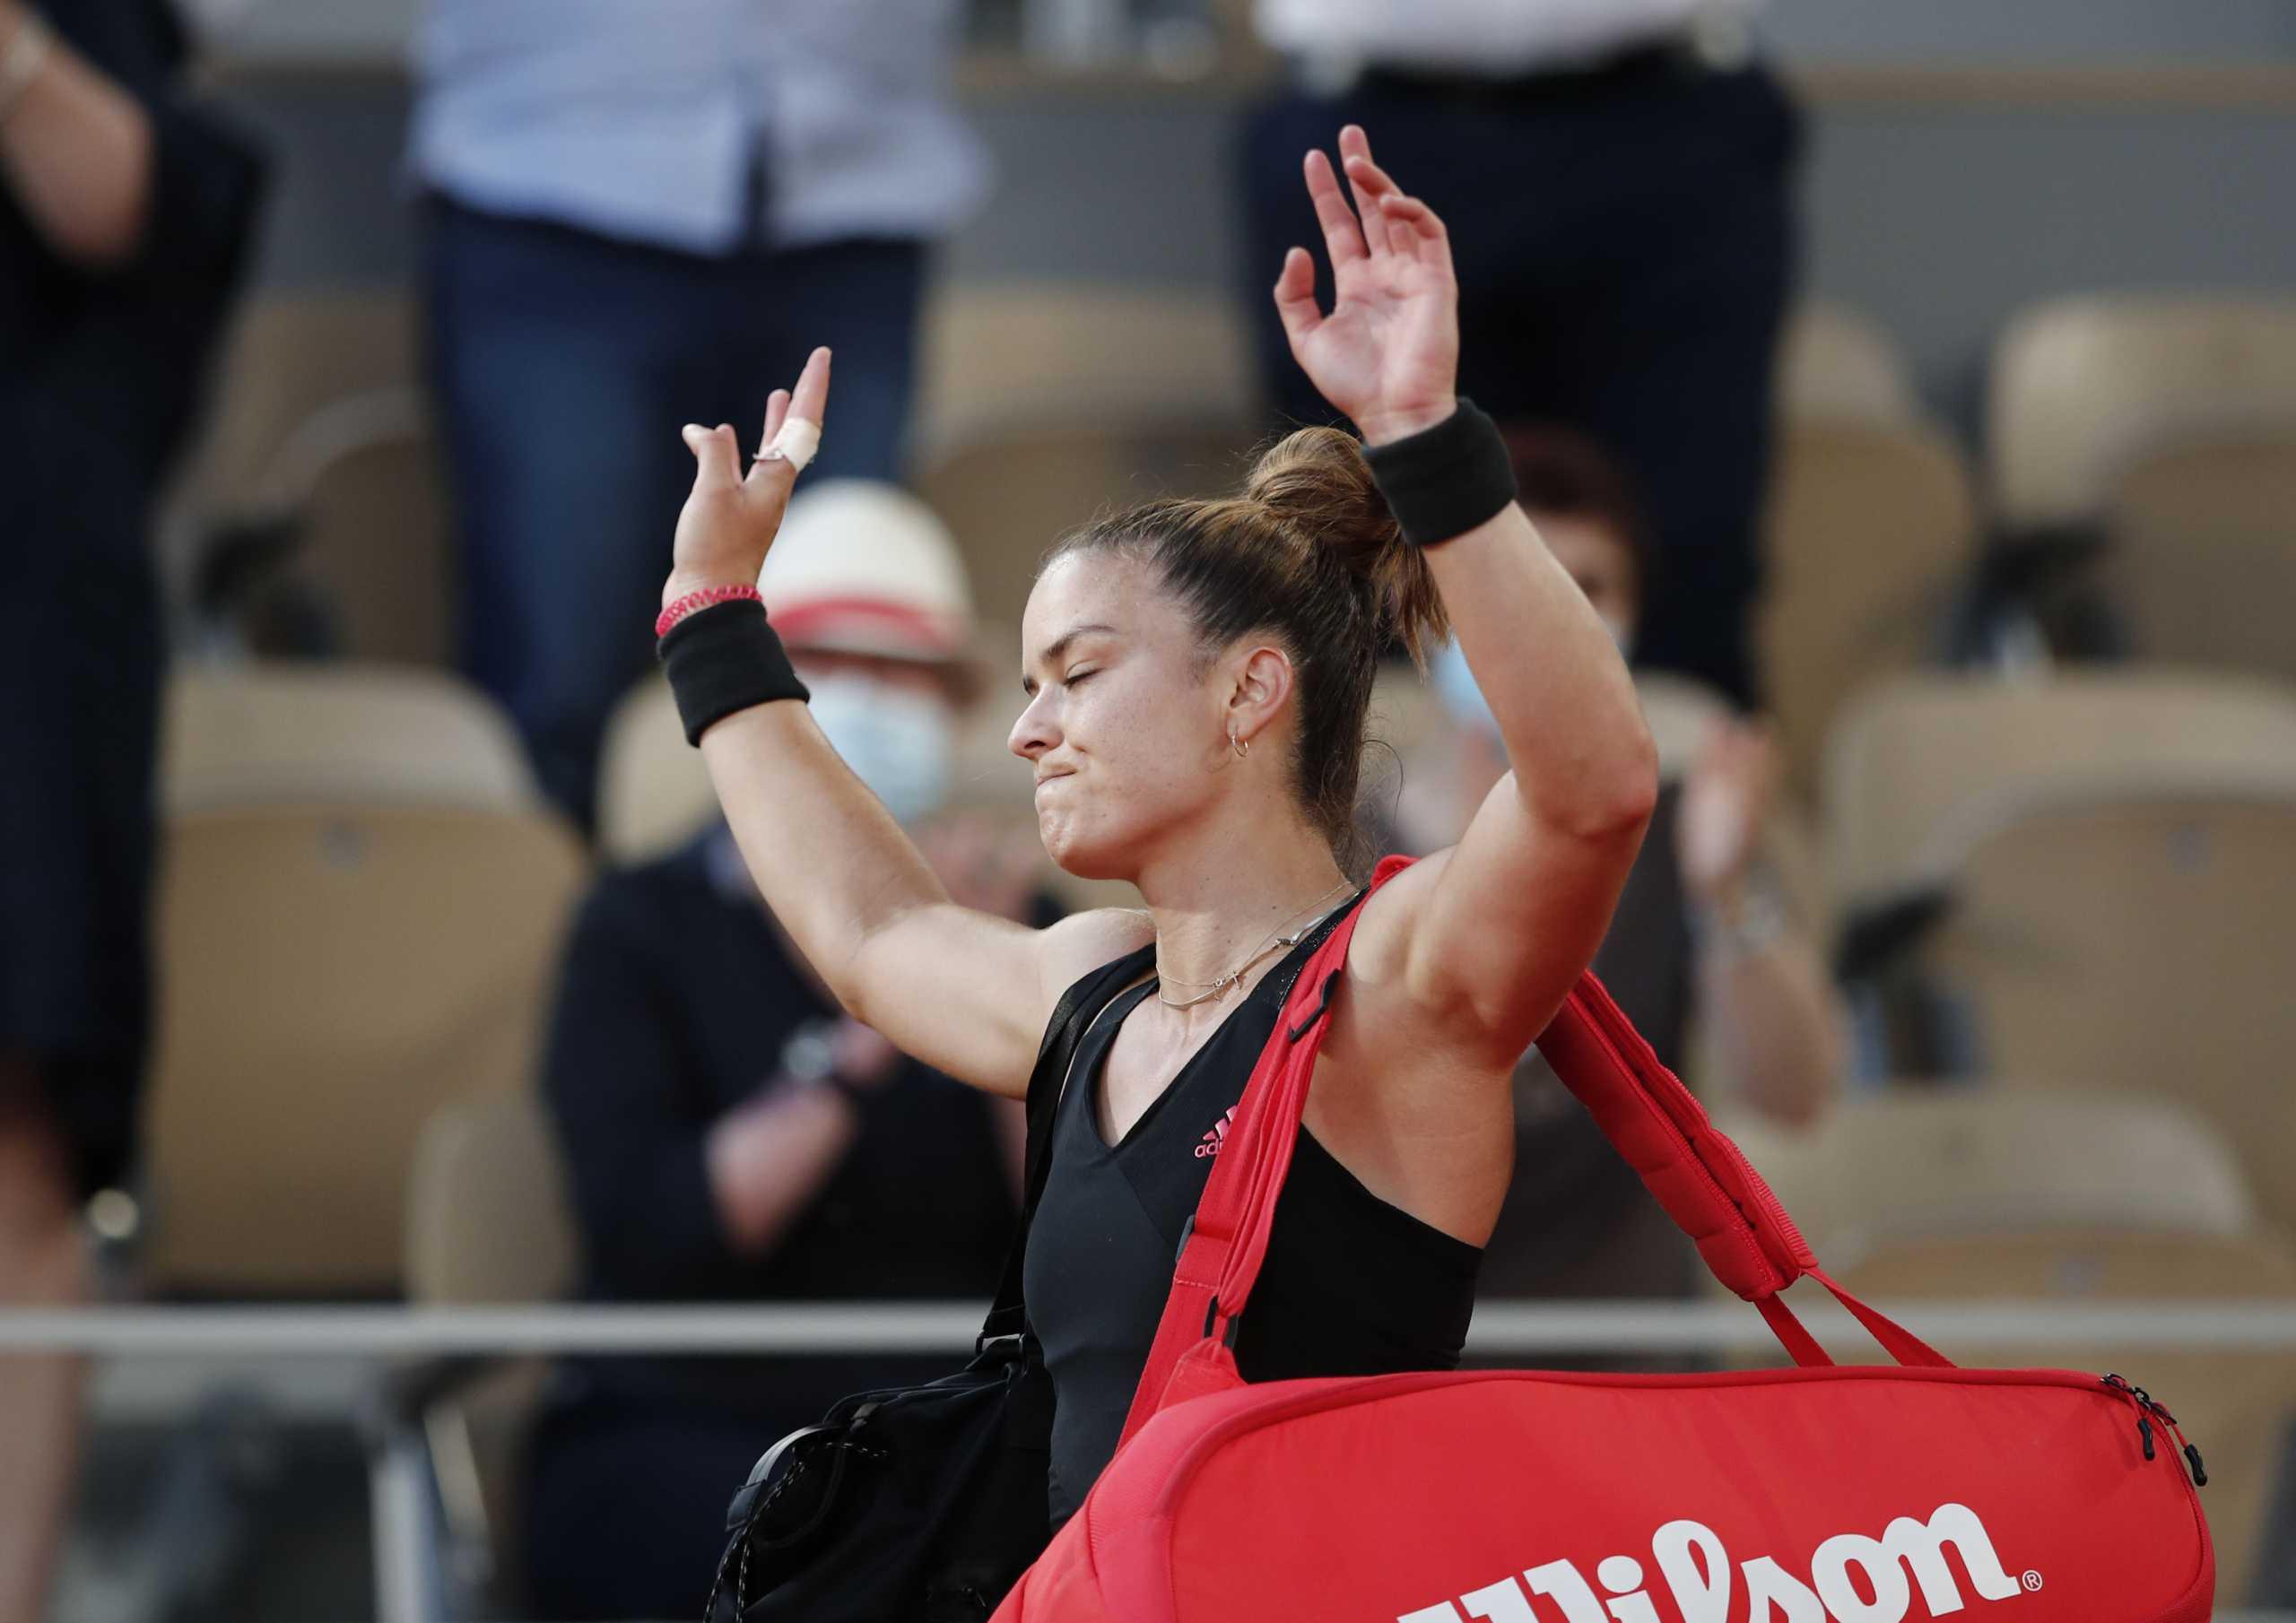 Μαρία Σάκκαρη: Δεν αλλάζει θέση στην παγκόσμια κατάταξη παρά την πορεία στο Roland Garros